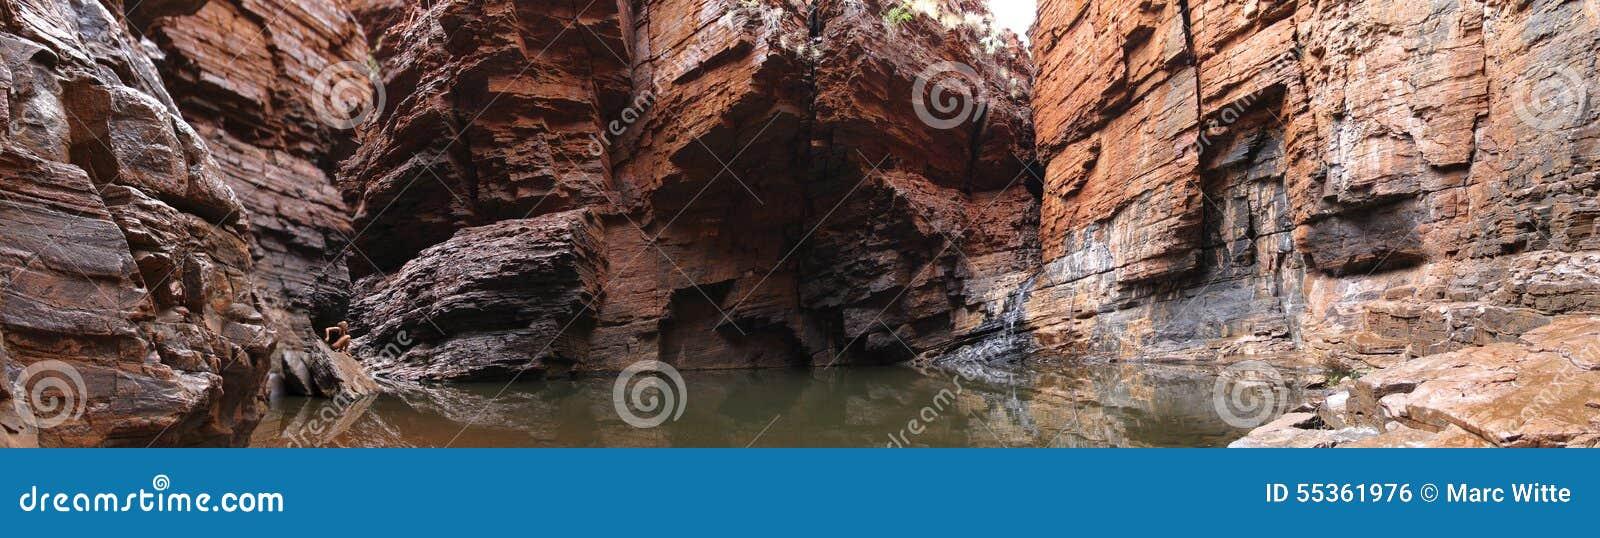 Parco nazionale di Karijini, Australia occidentale